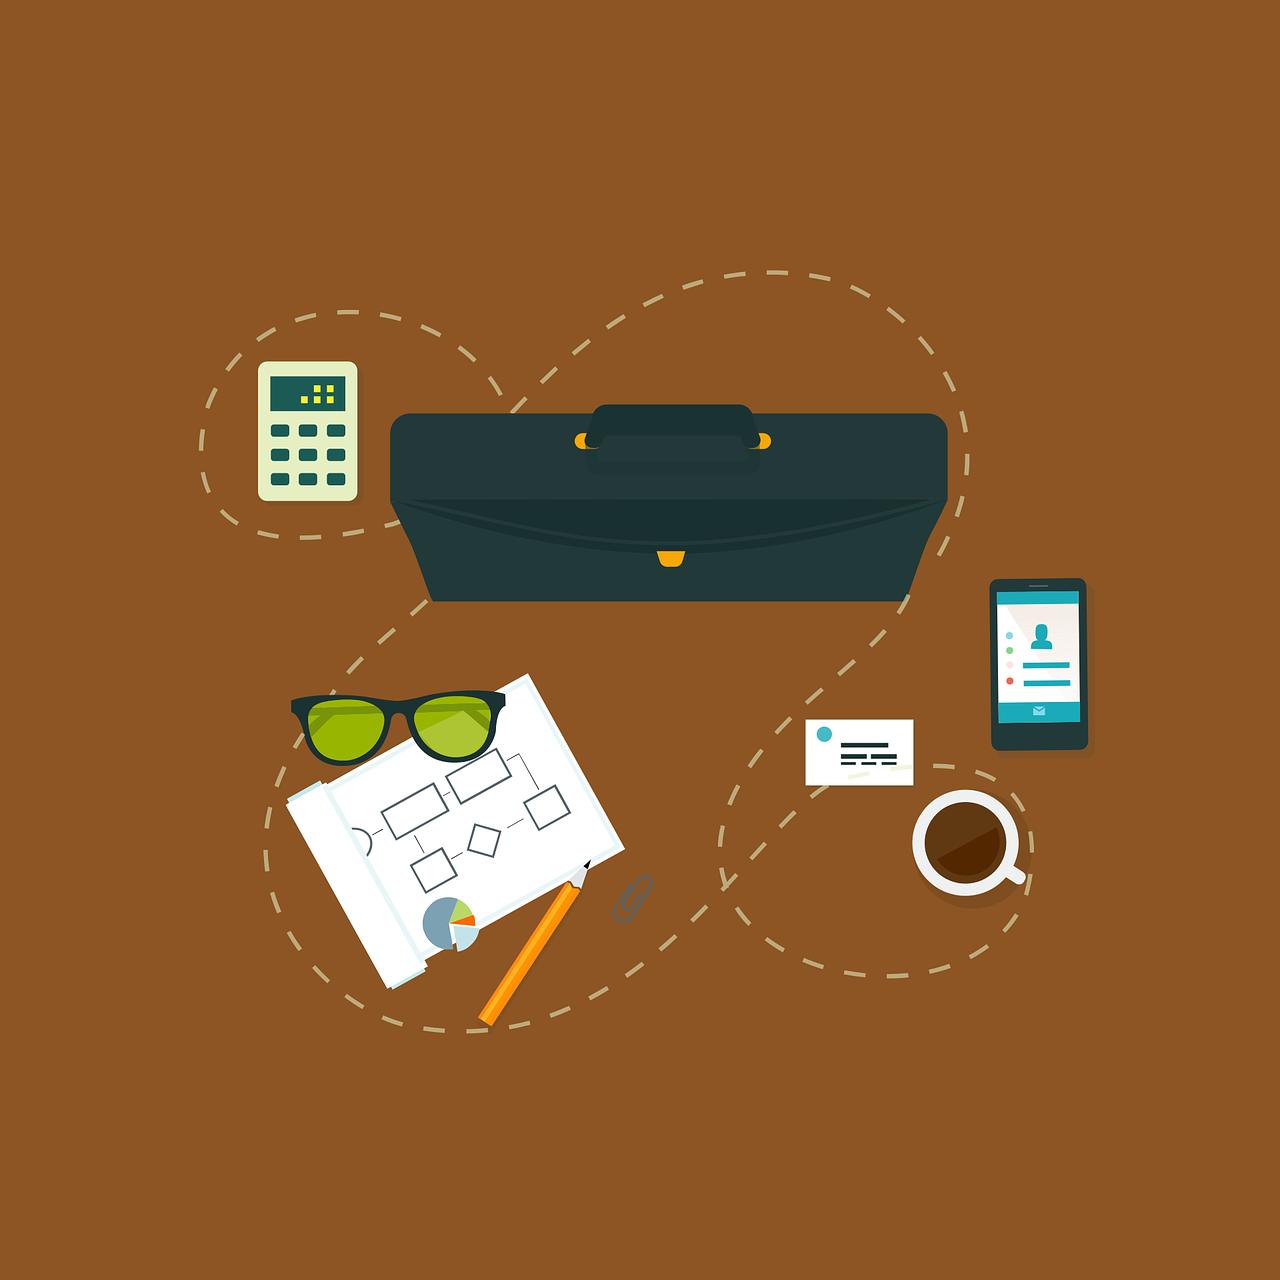 أدوات تنظيم العمل